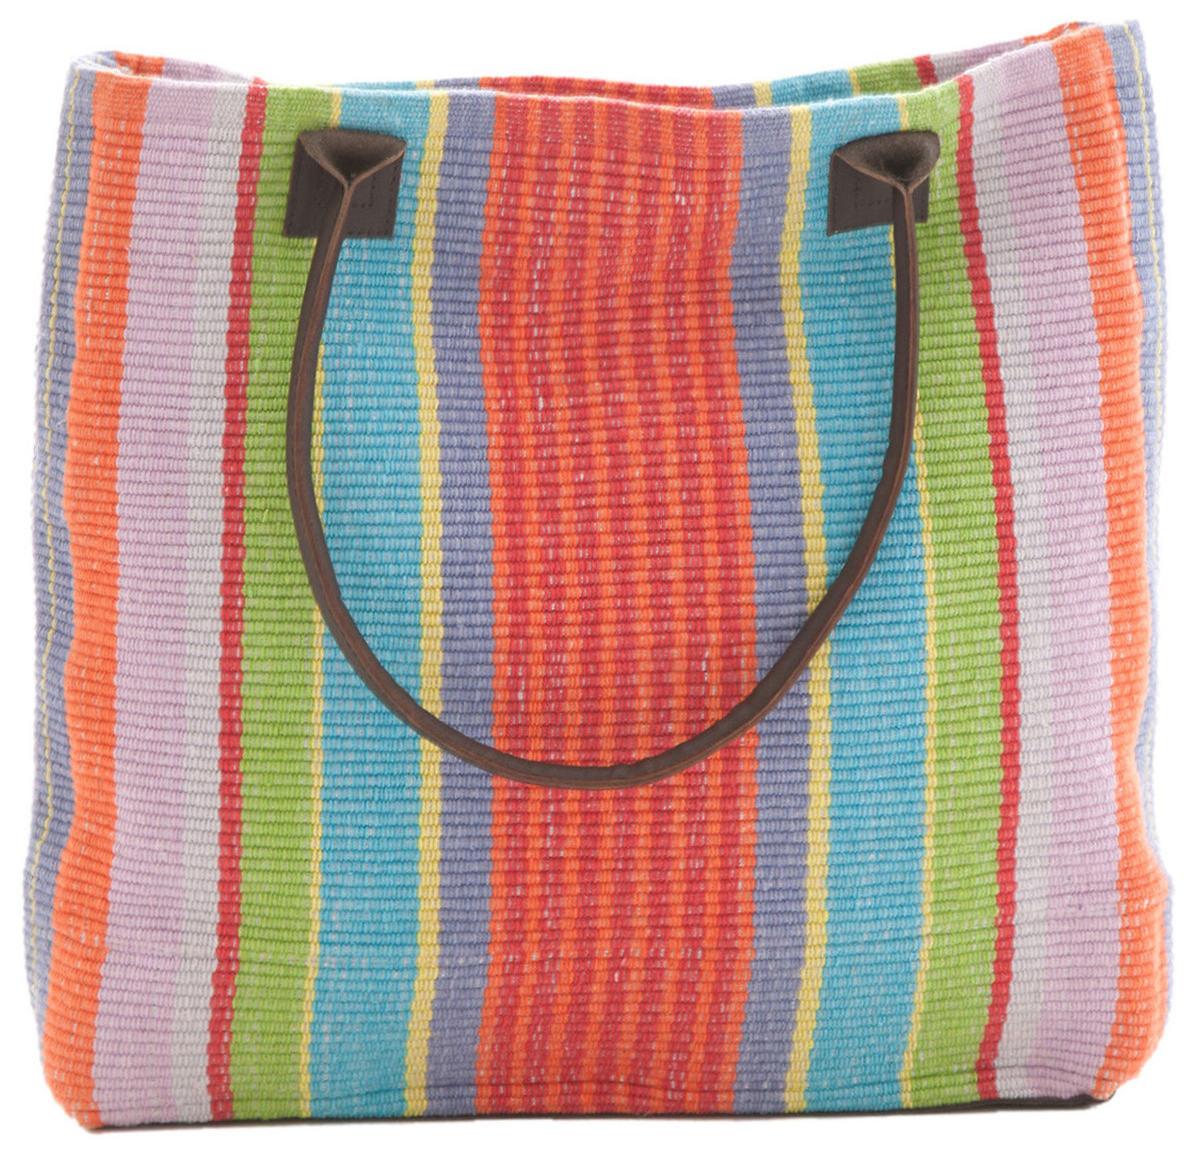 Garden Stripe Woven Cotton Tote Bag